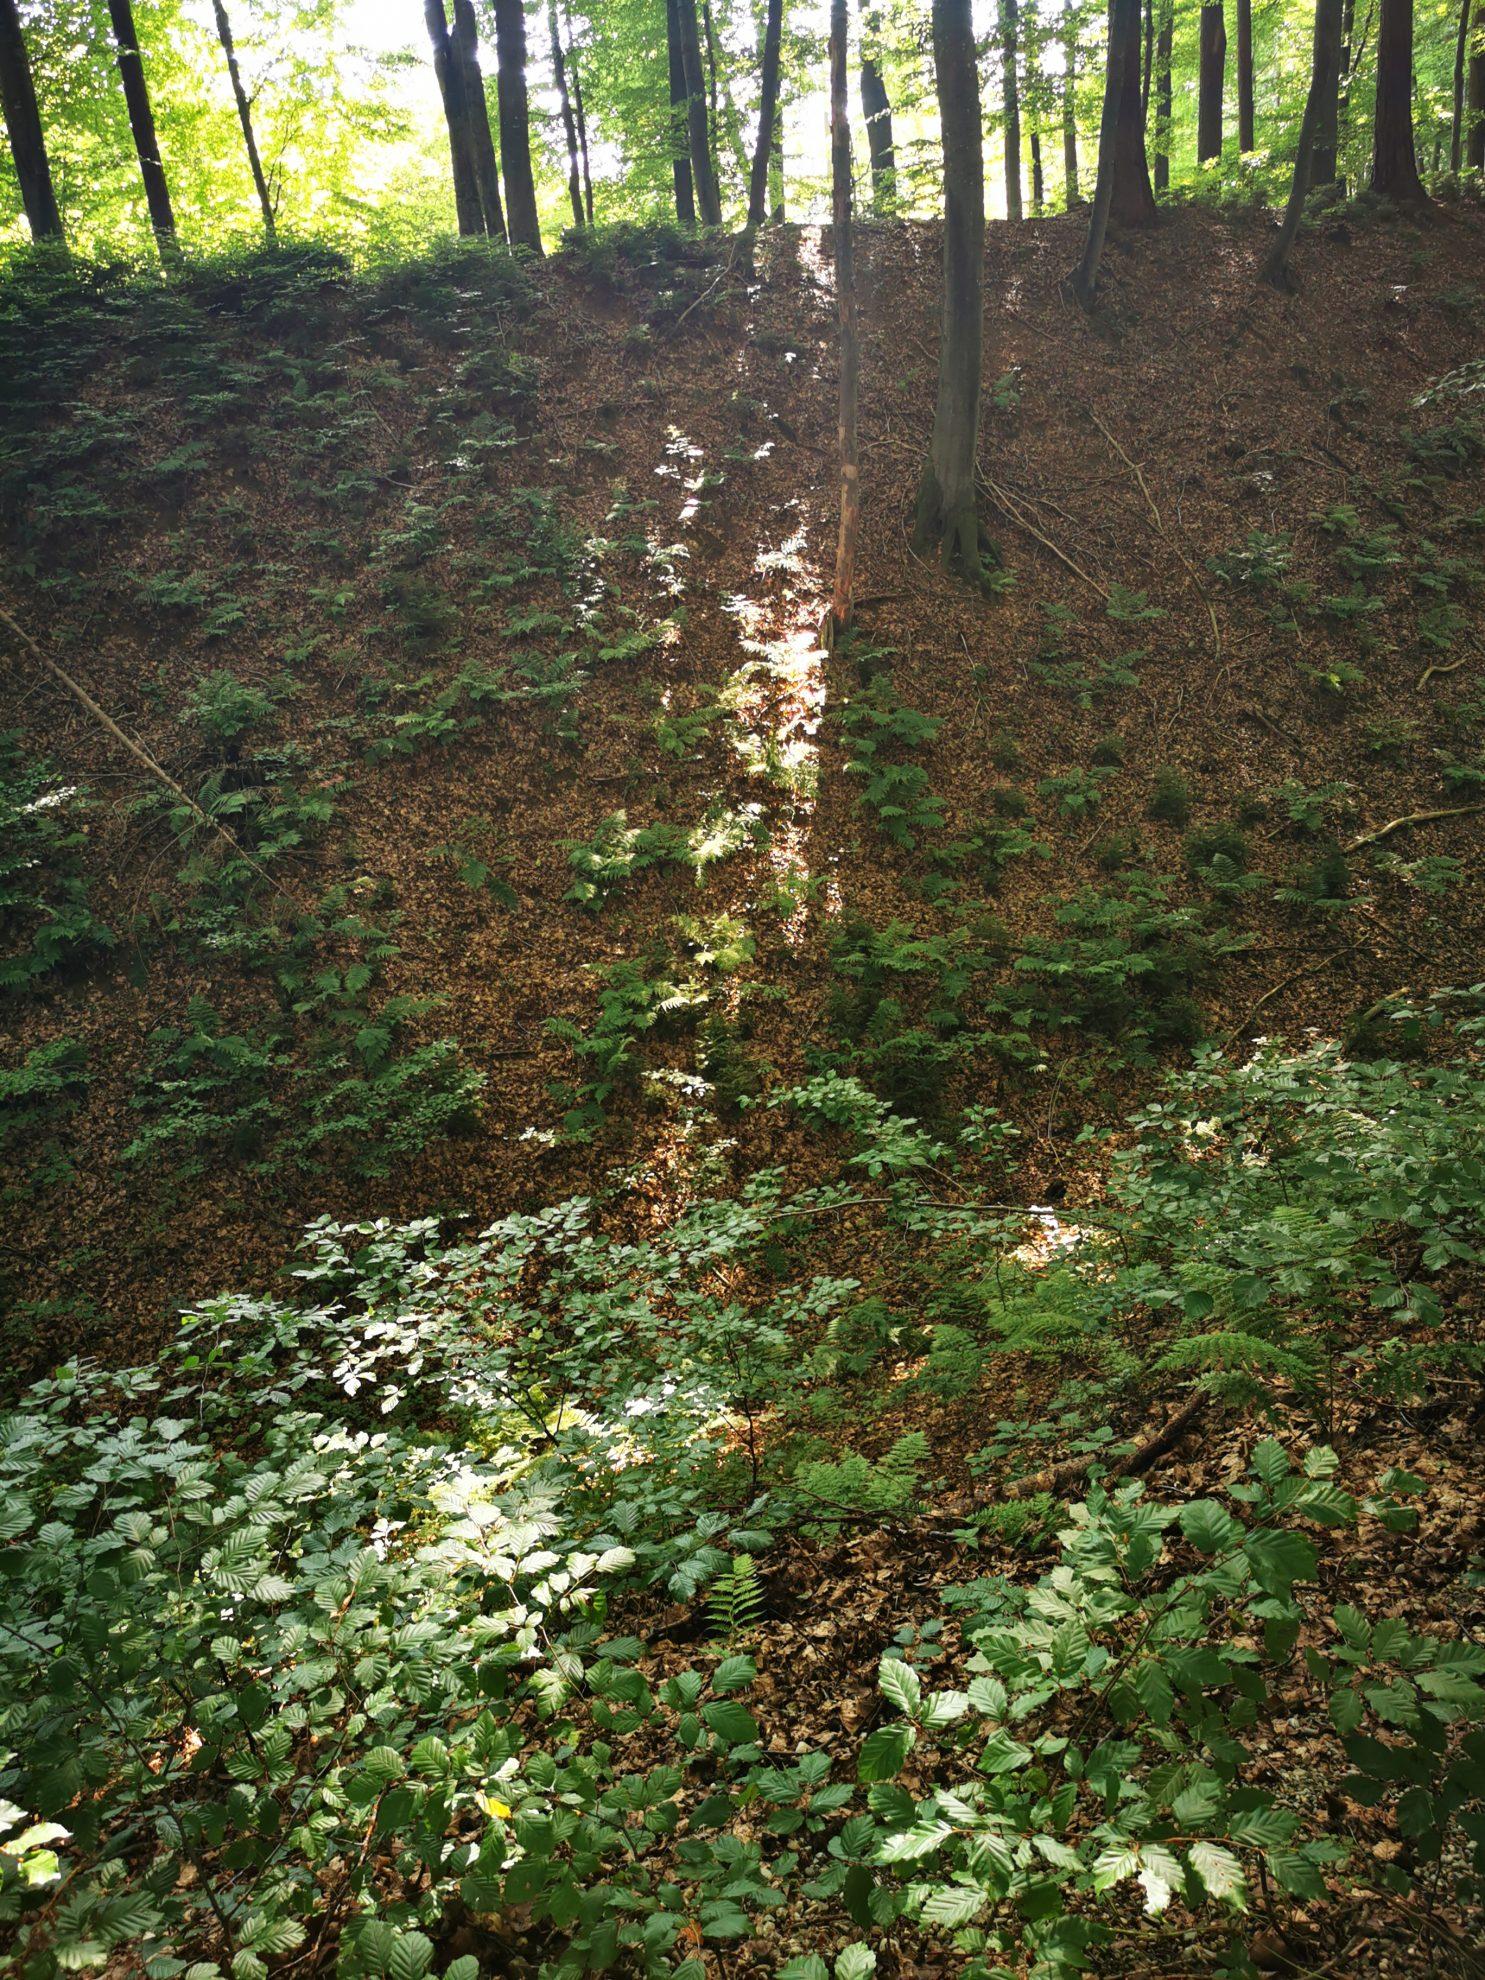 Das Lichtspiel im Wald durch die Bäume ist wunderschön und erdet. Grund genug, um ein wenig dort zu verweilen.